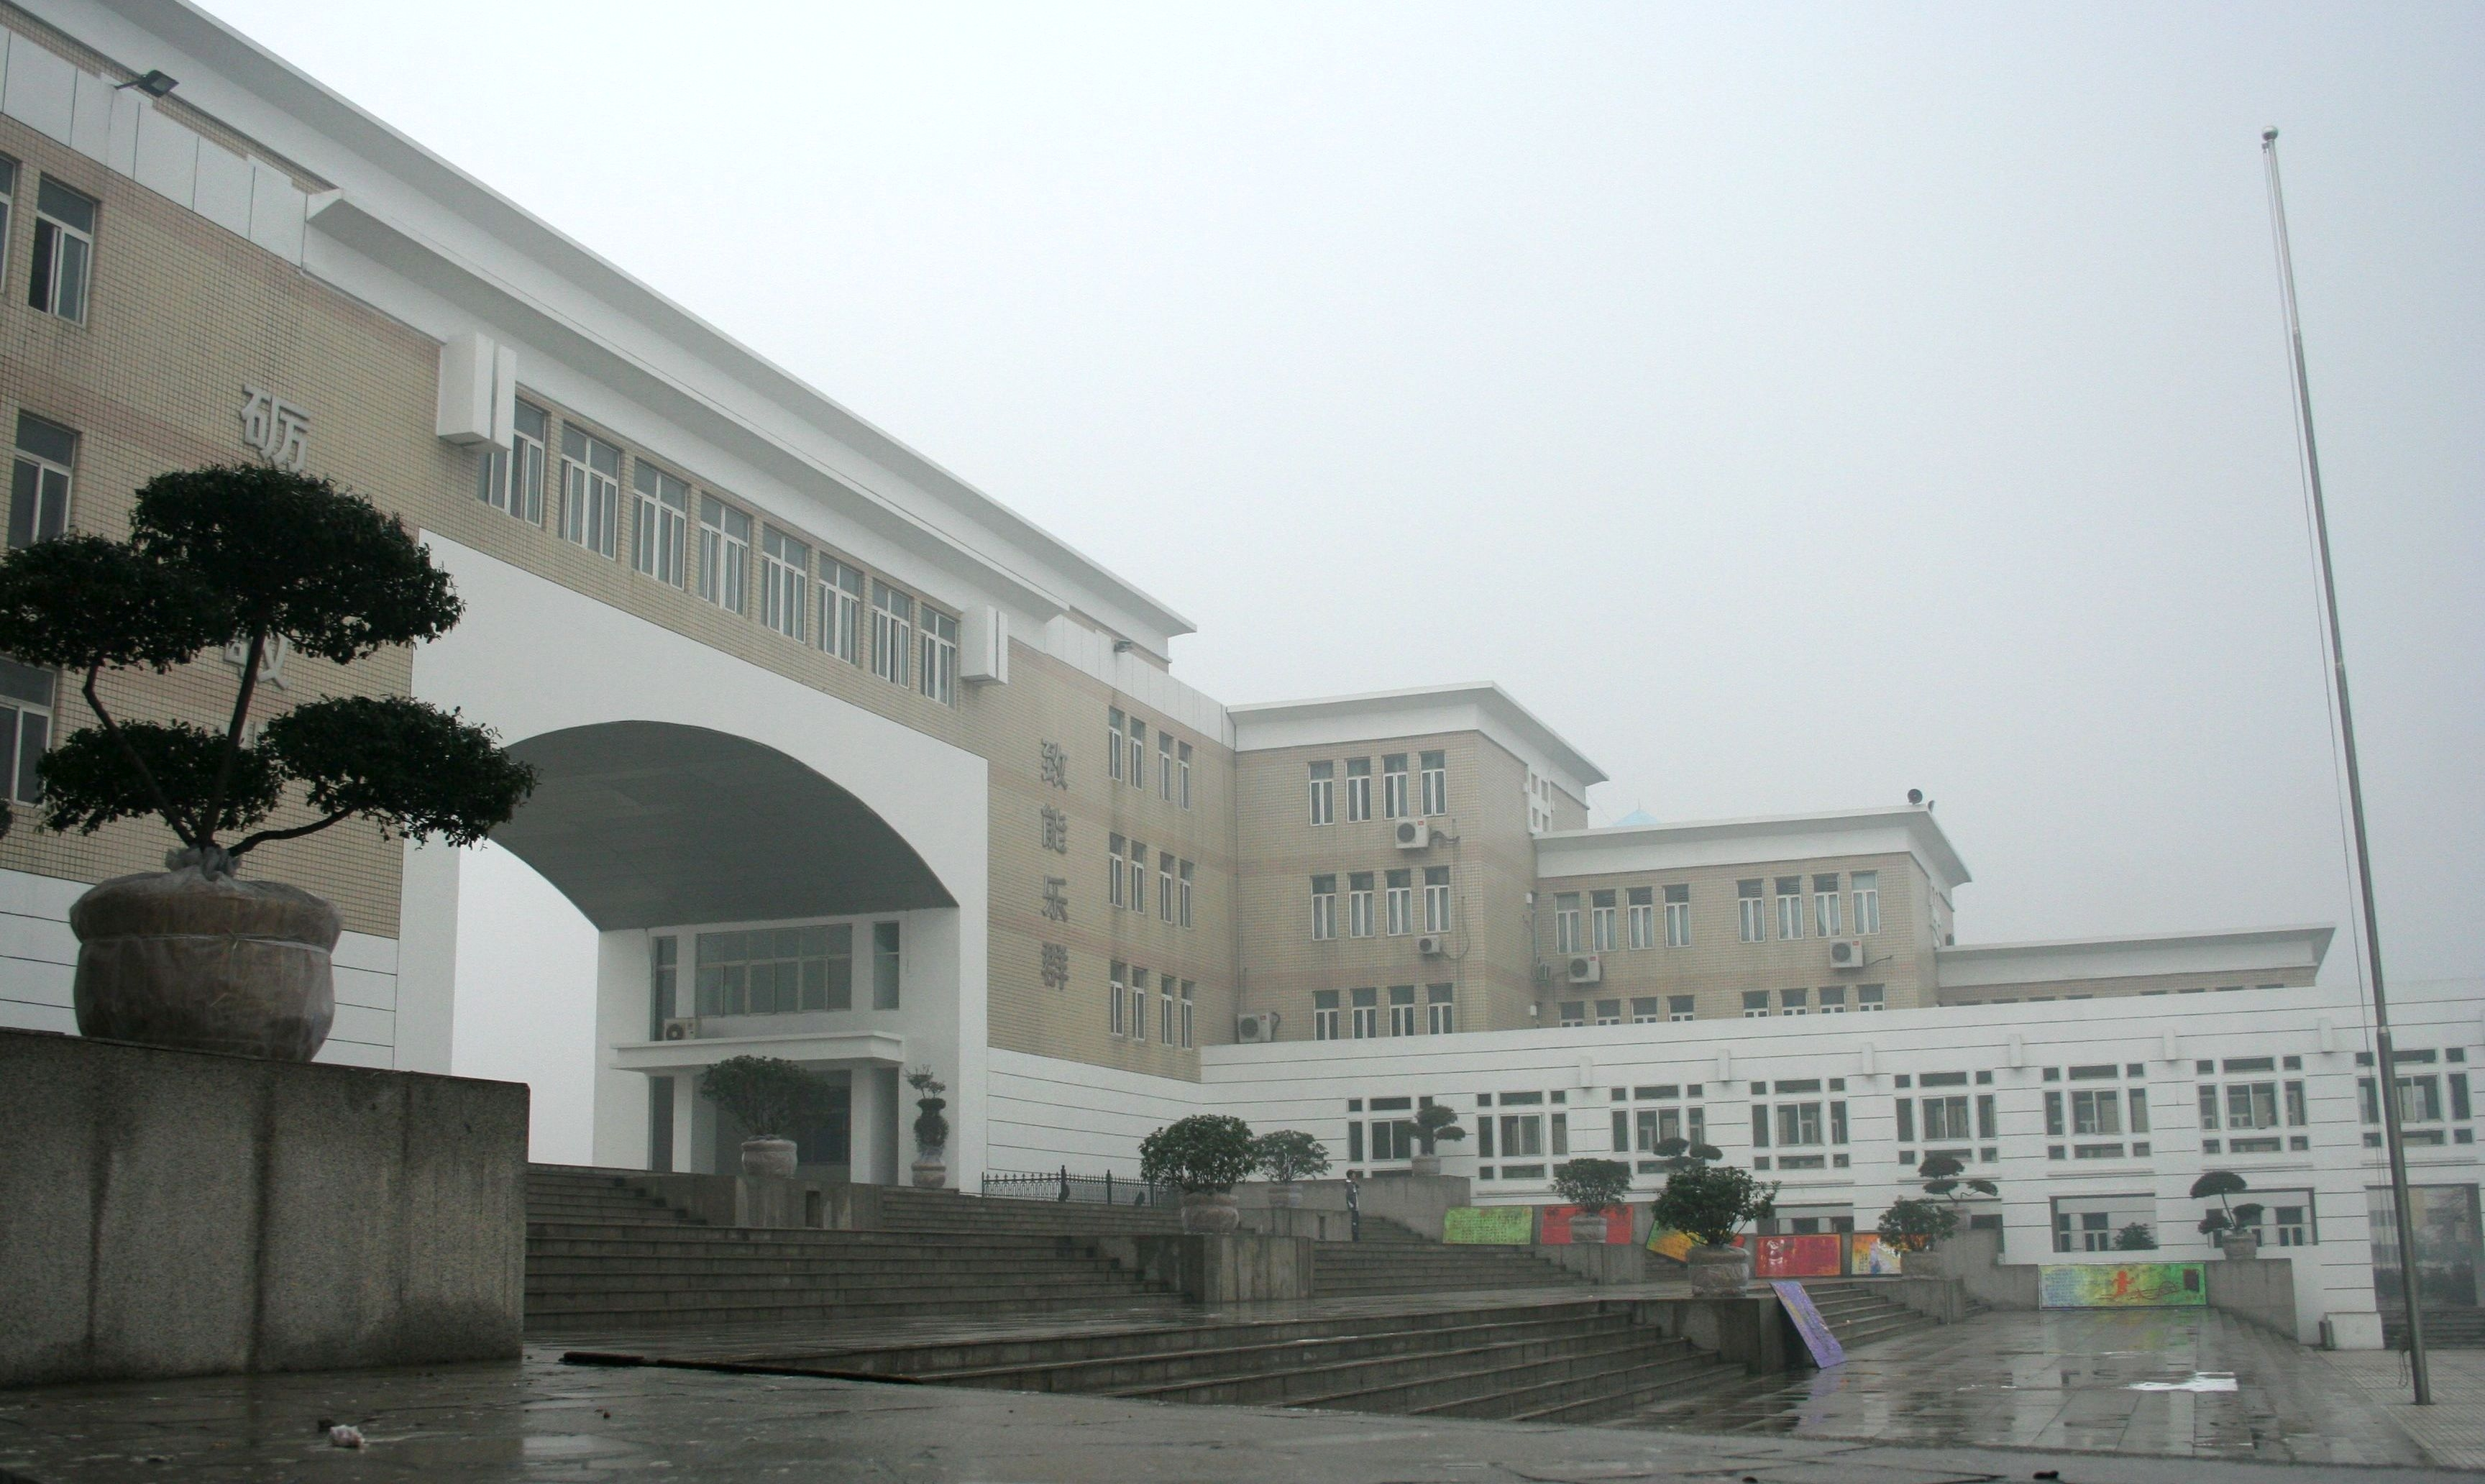 第八章学校地址,咨询热线   第十七条学院地址:郑州市郑东新区龙子湖